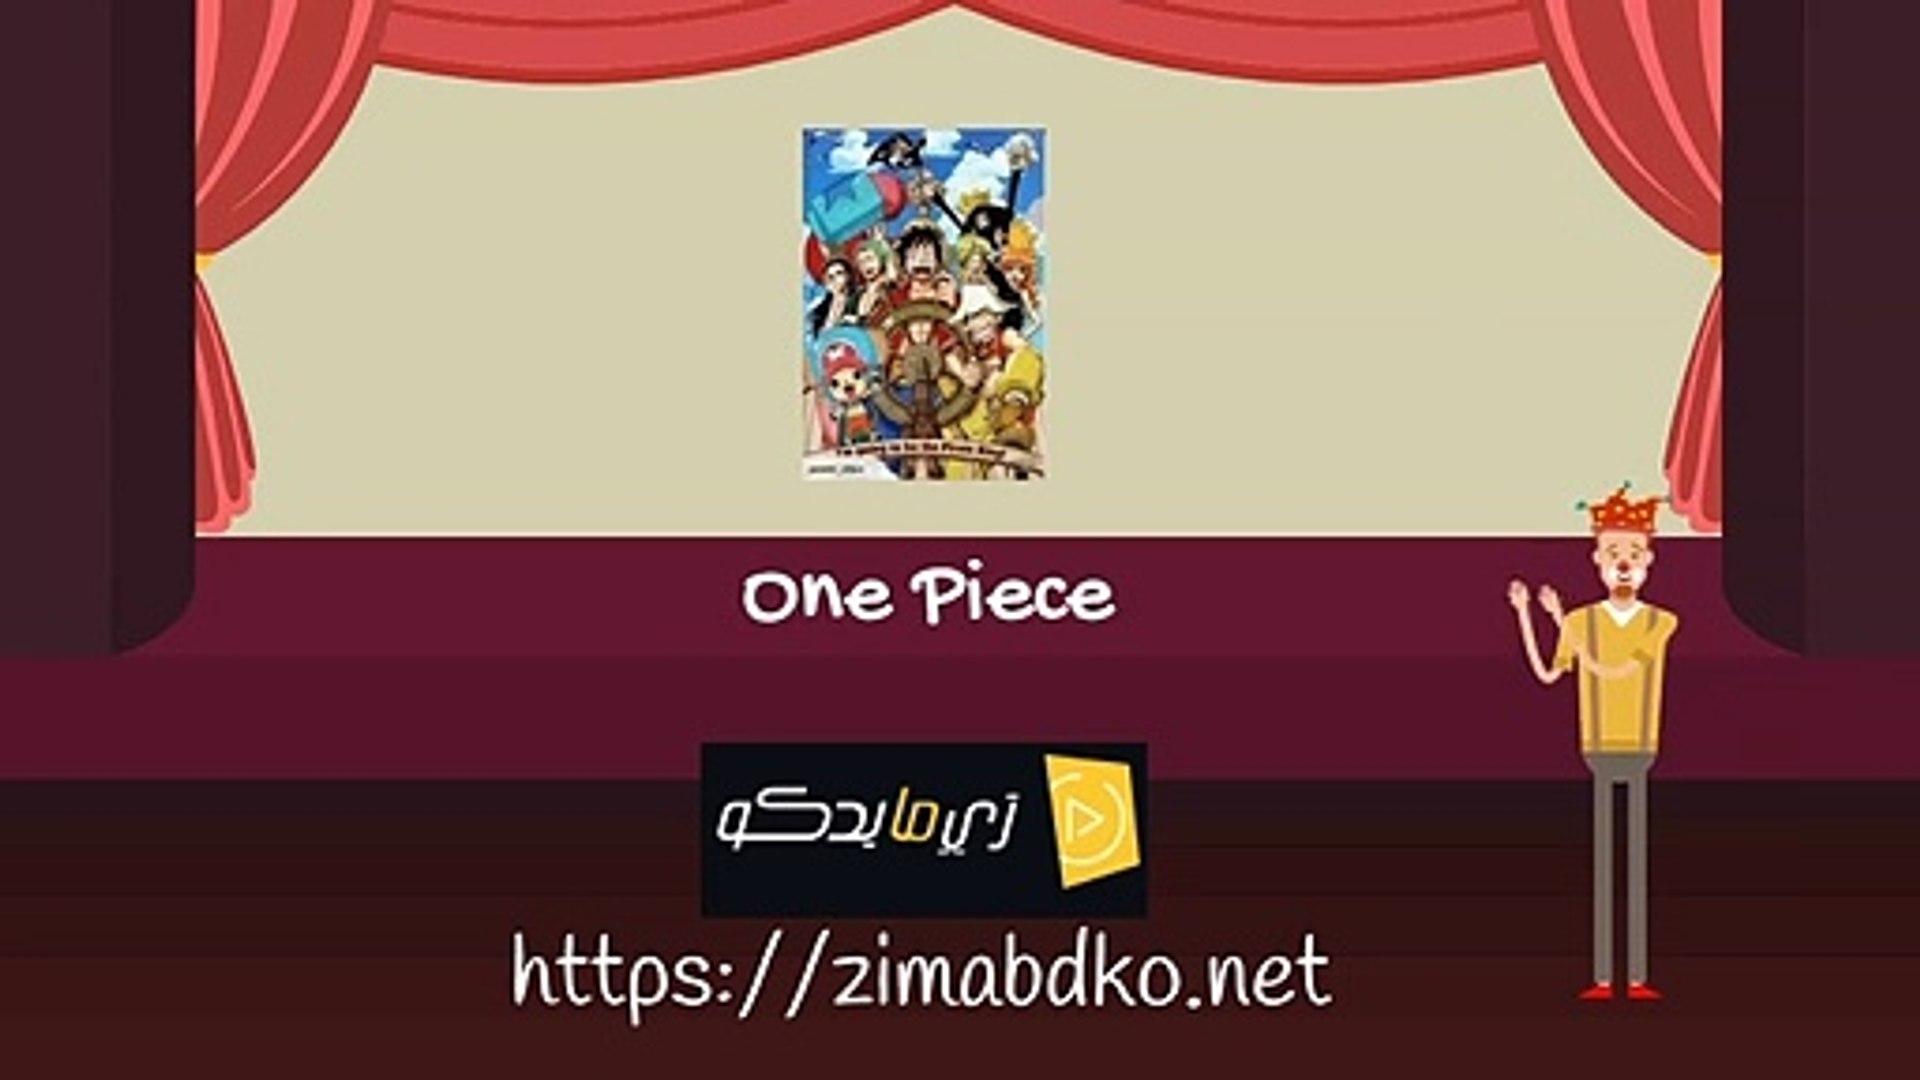 موقع زي مابدكو لمشاهدة الانمي المترجم مجانا - أفضل موقع مشاهدة انمي